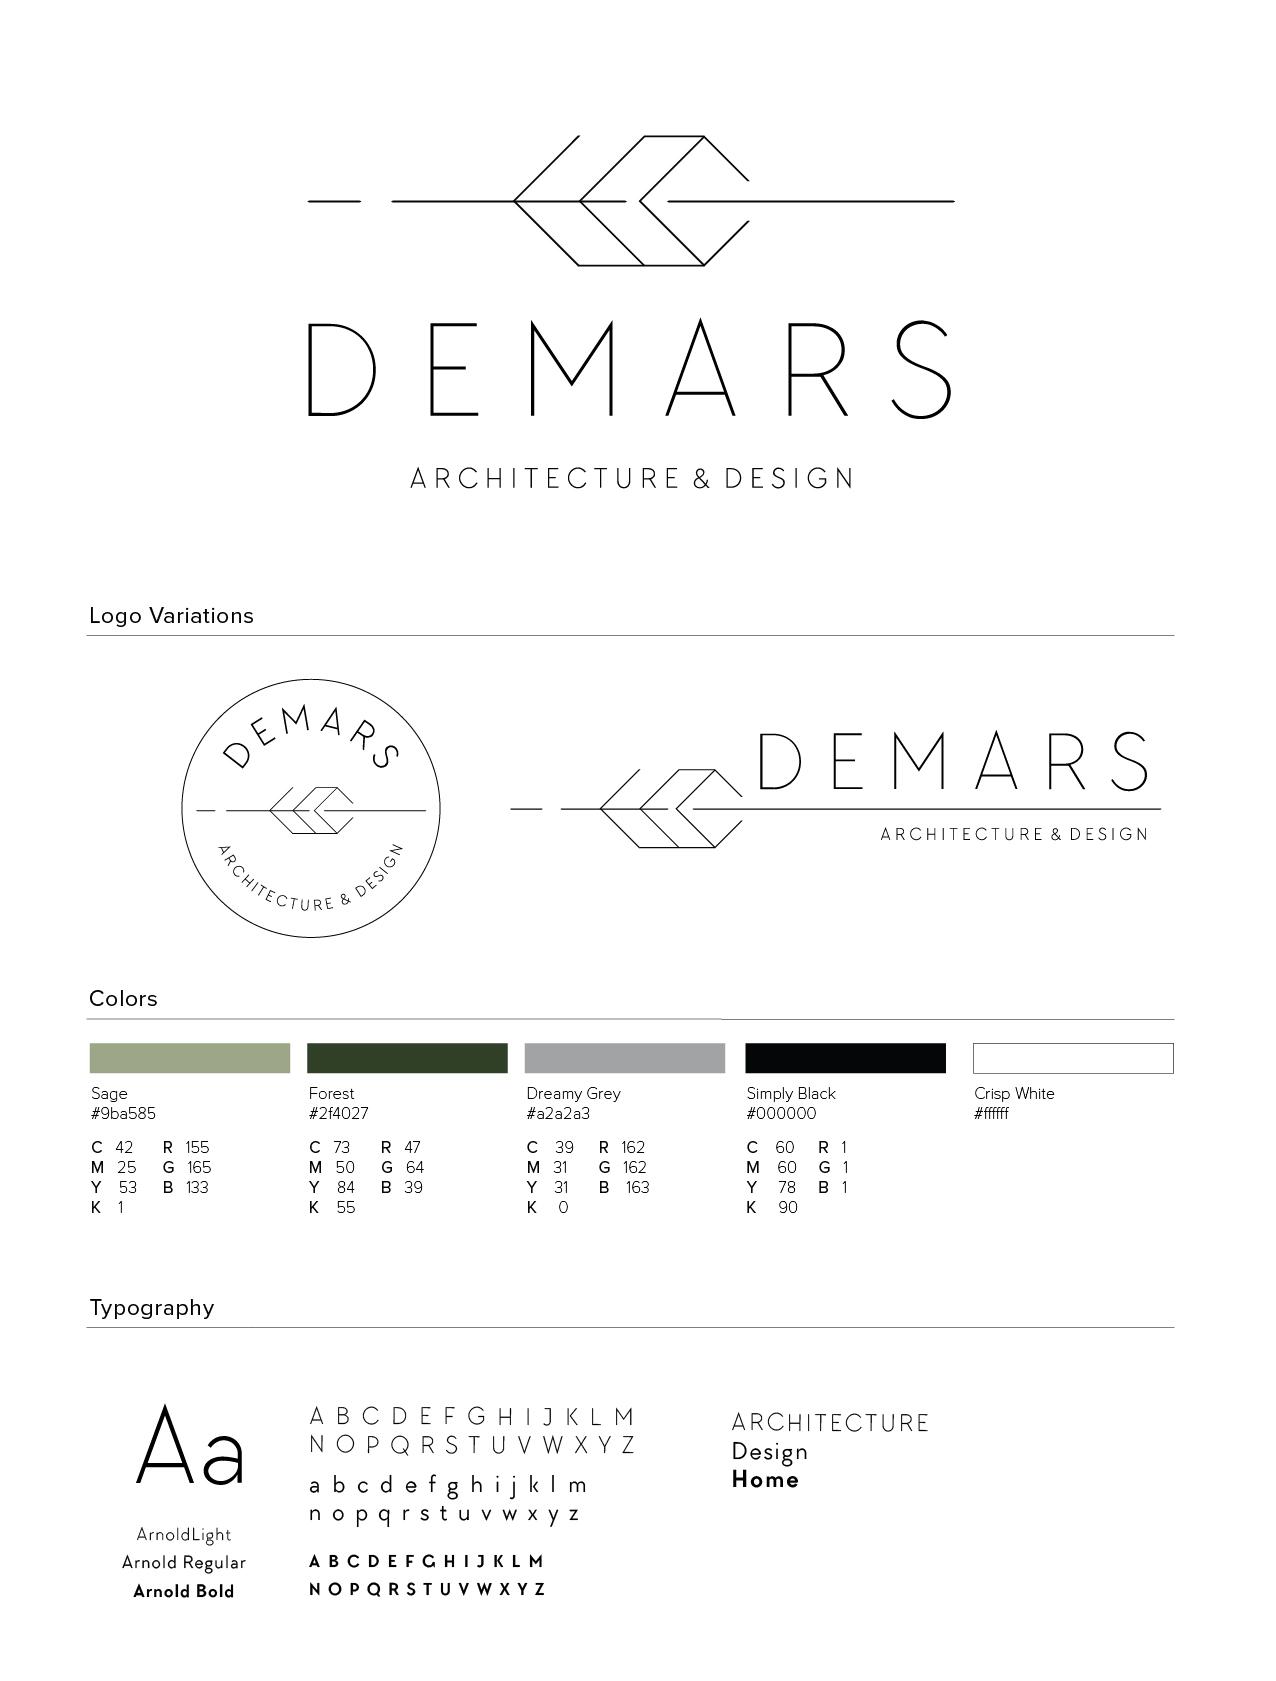 DeMars+Branding+Design